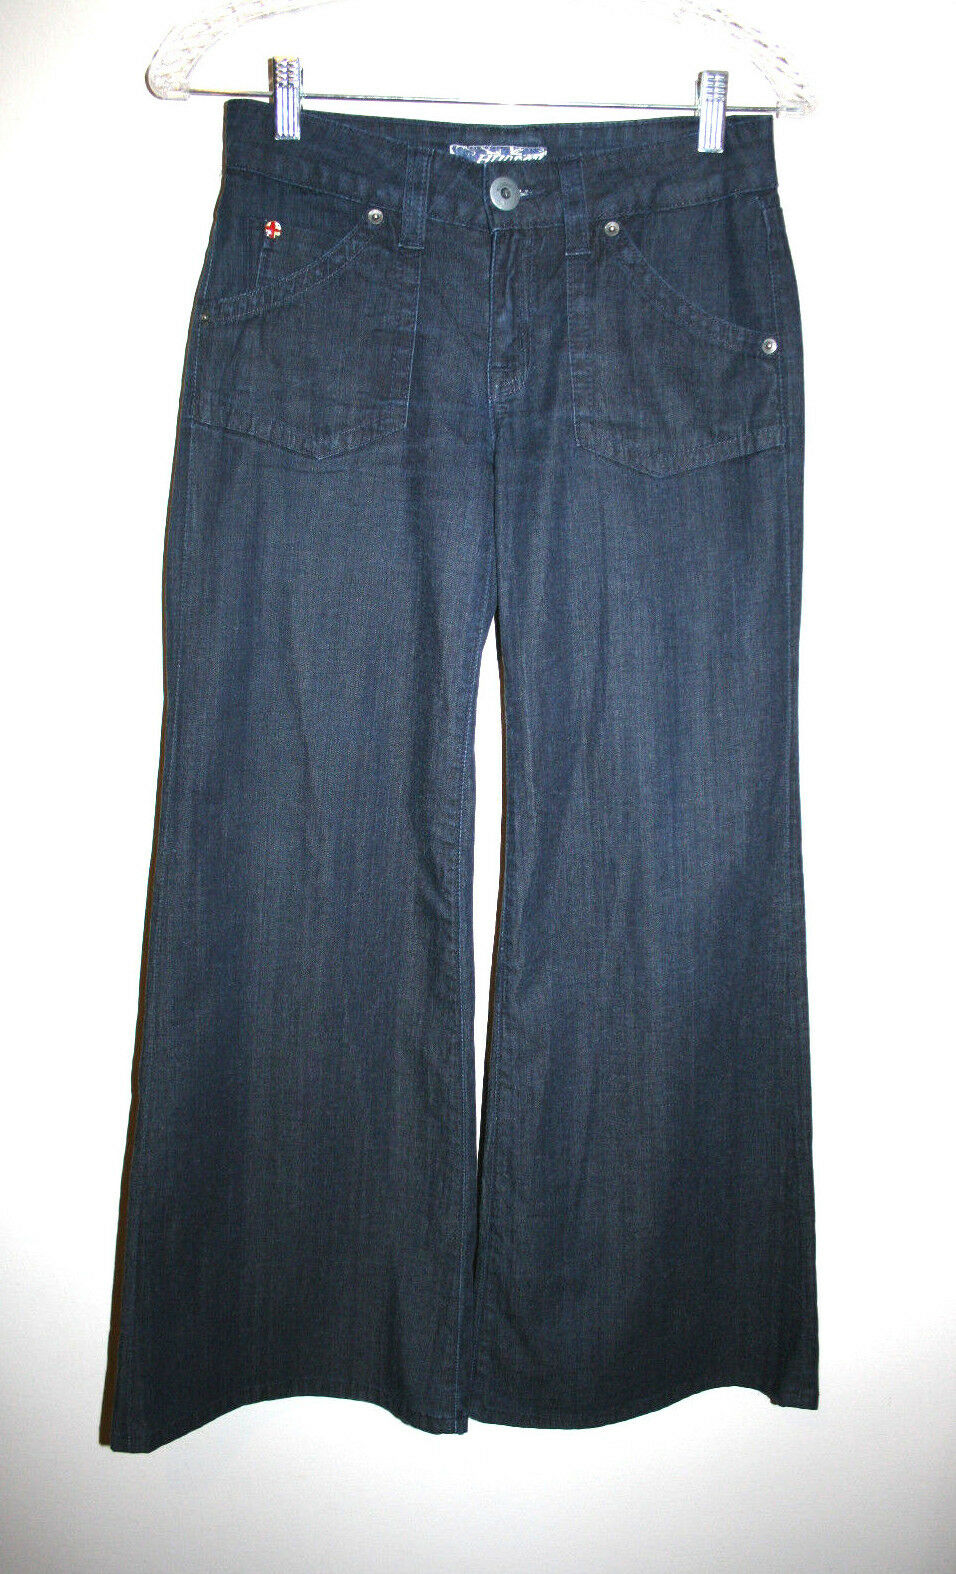 Nouveau Débard HUDSON Blau Foncé Jeans Jambe Large Pantalon Flare Jeans 26 Neuf avec étiquettes 198